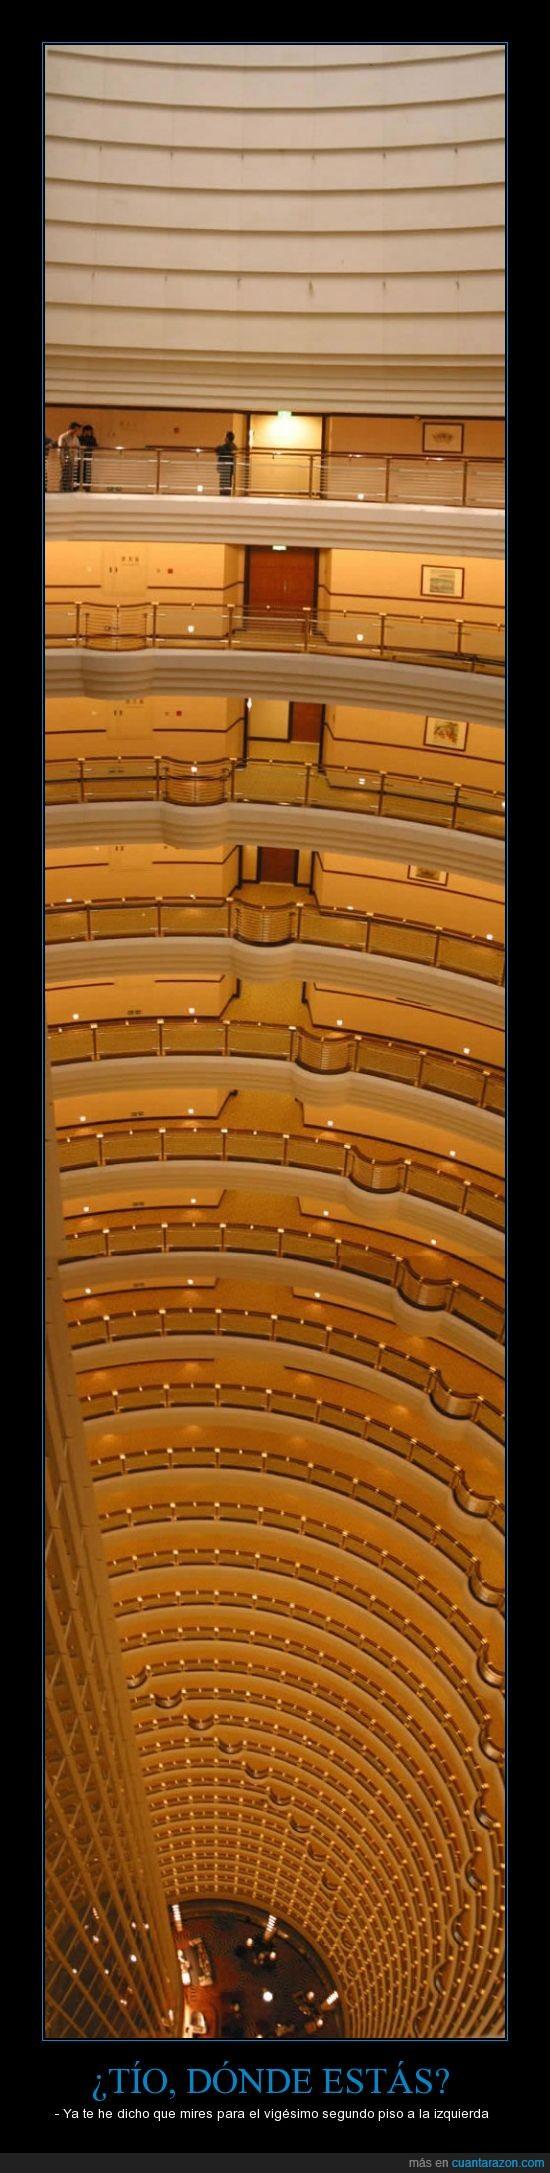 ascensor,dorado,escalera,hotel,mareo,muchos,pisos,vertigo